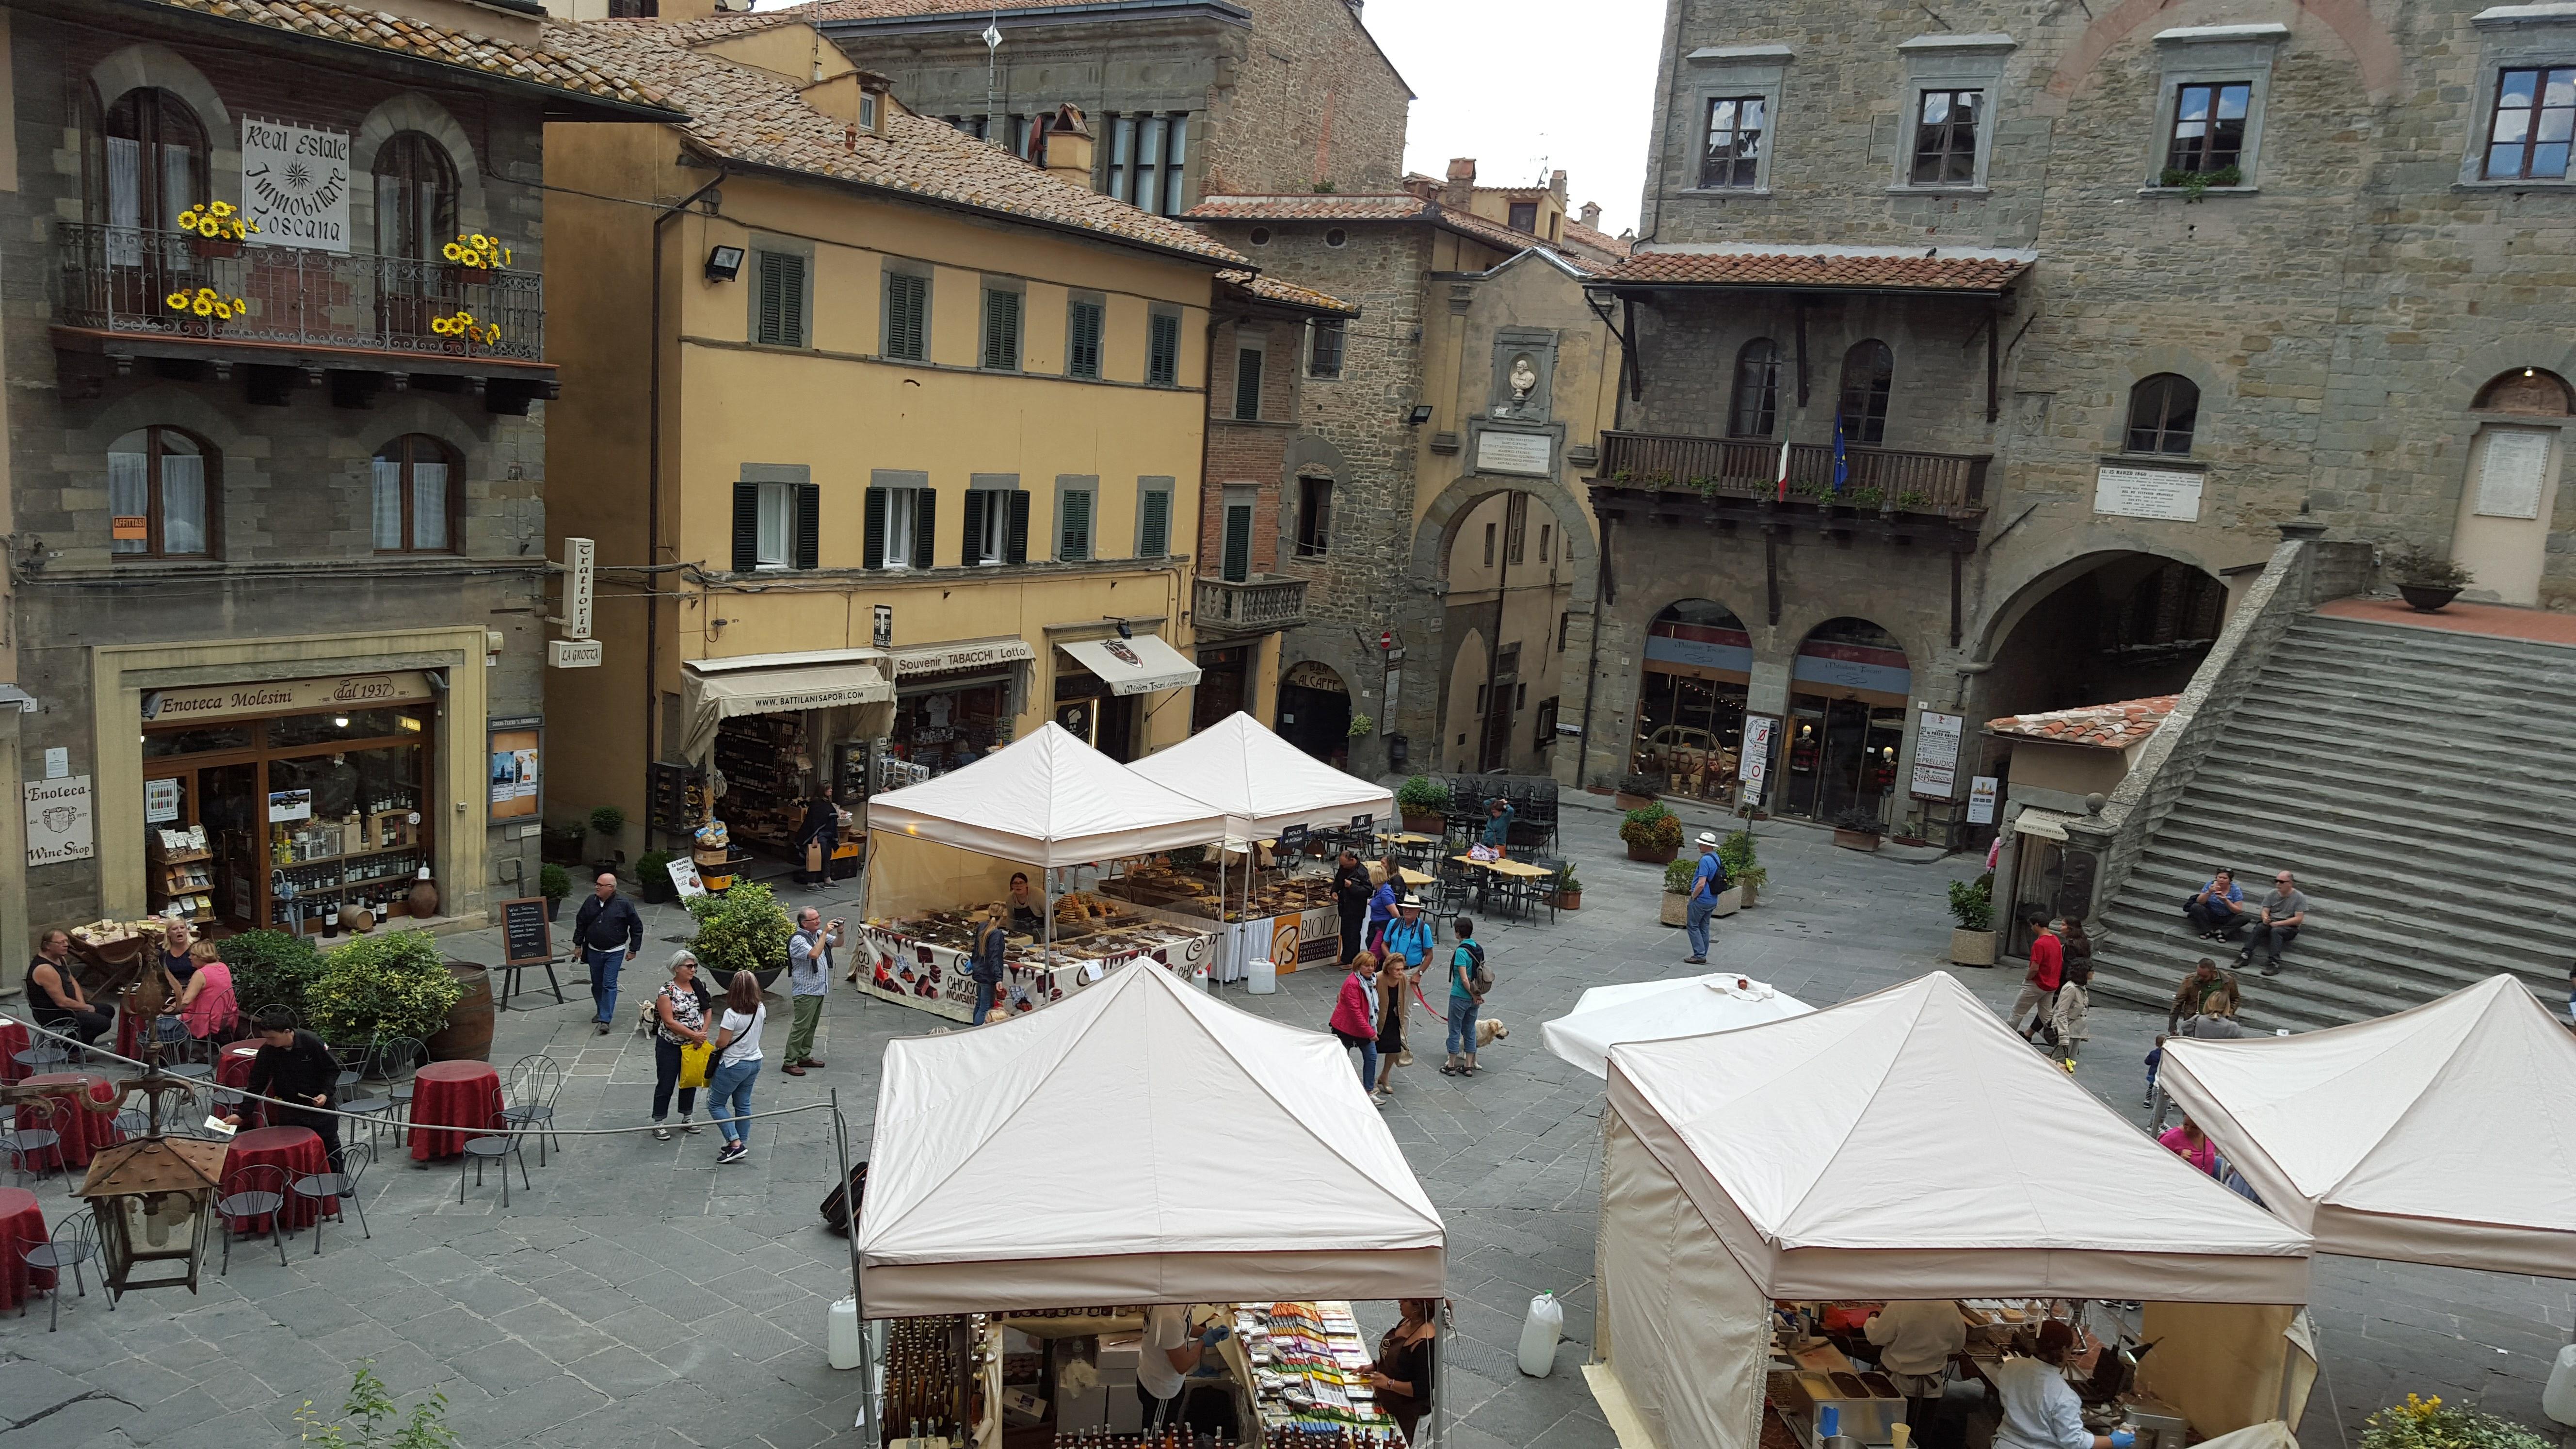 Italy photos by John 014